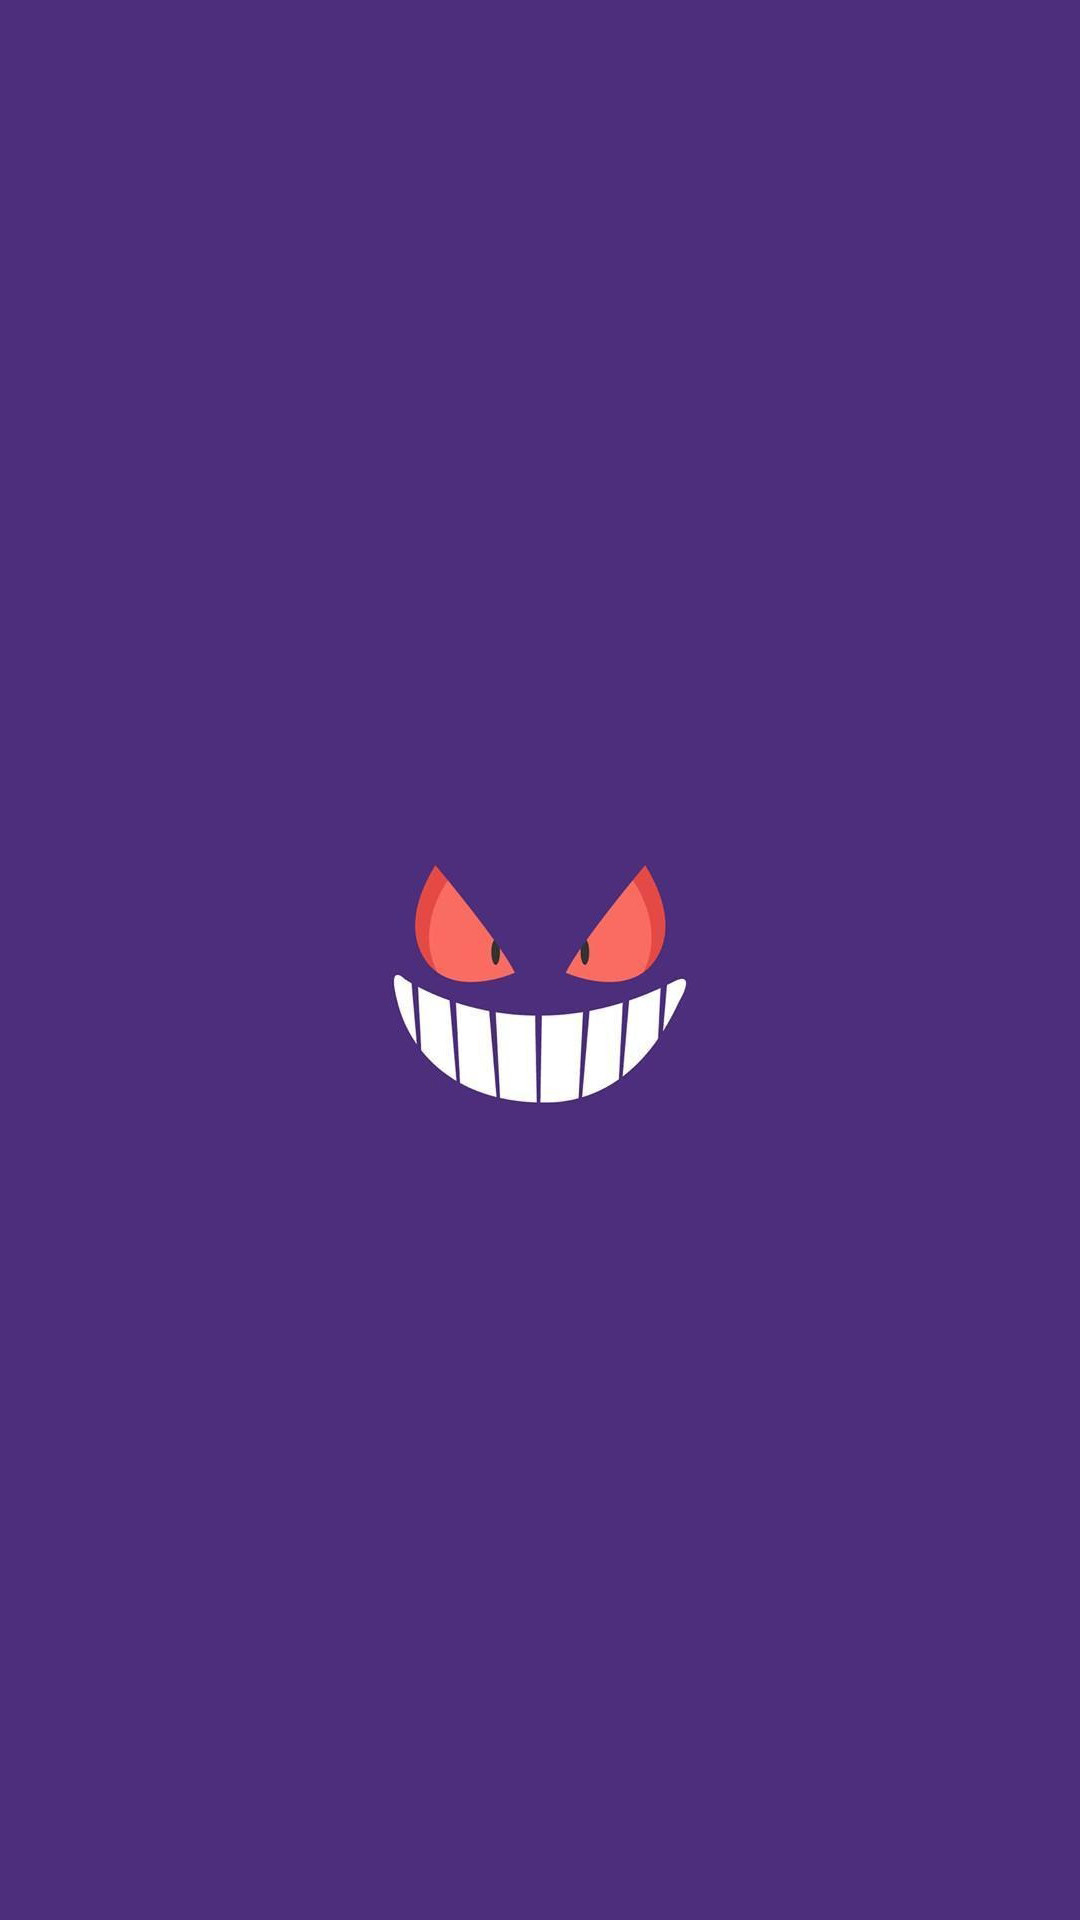 Gengar Pokemon Character iPhone 6+ HD Wallpaper – https://freebestpicture.com